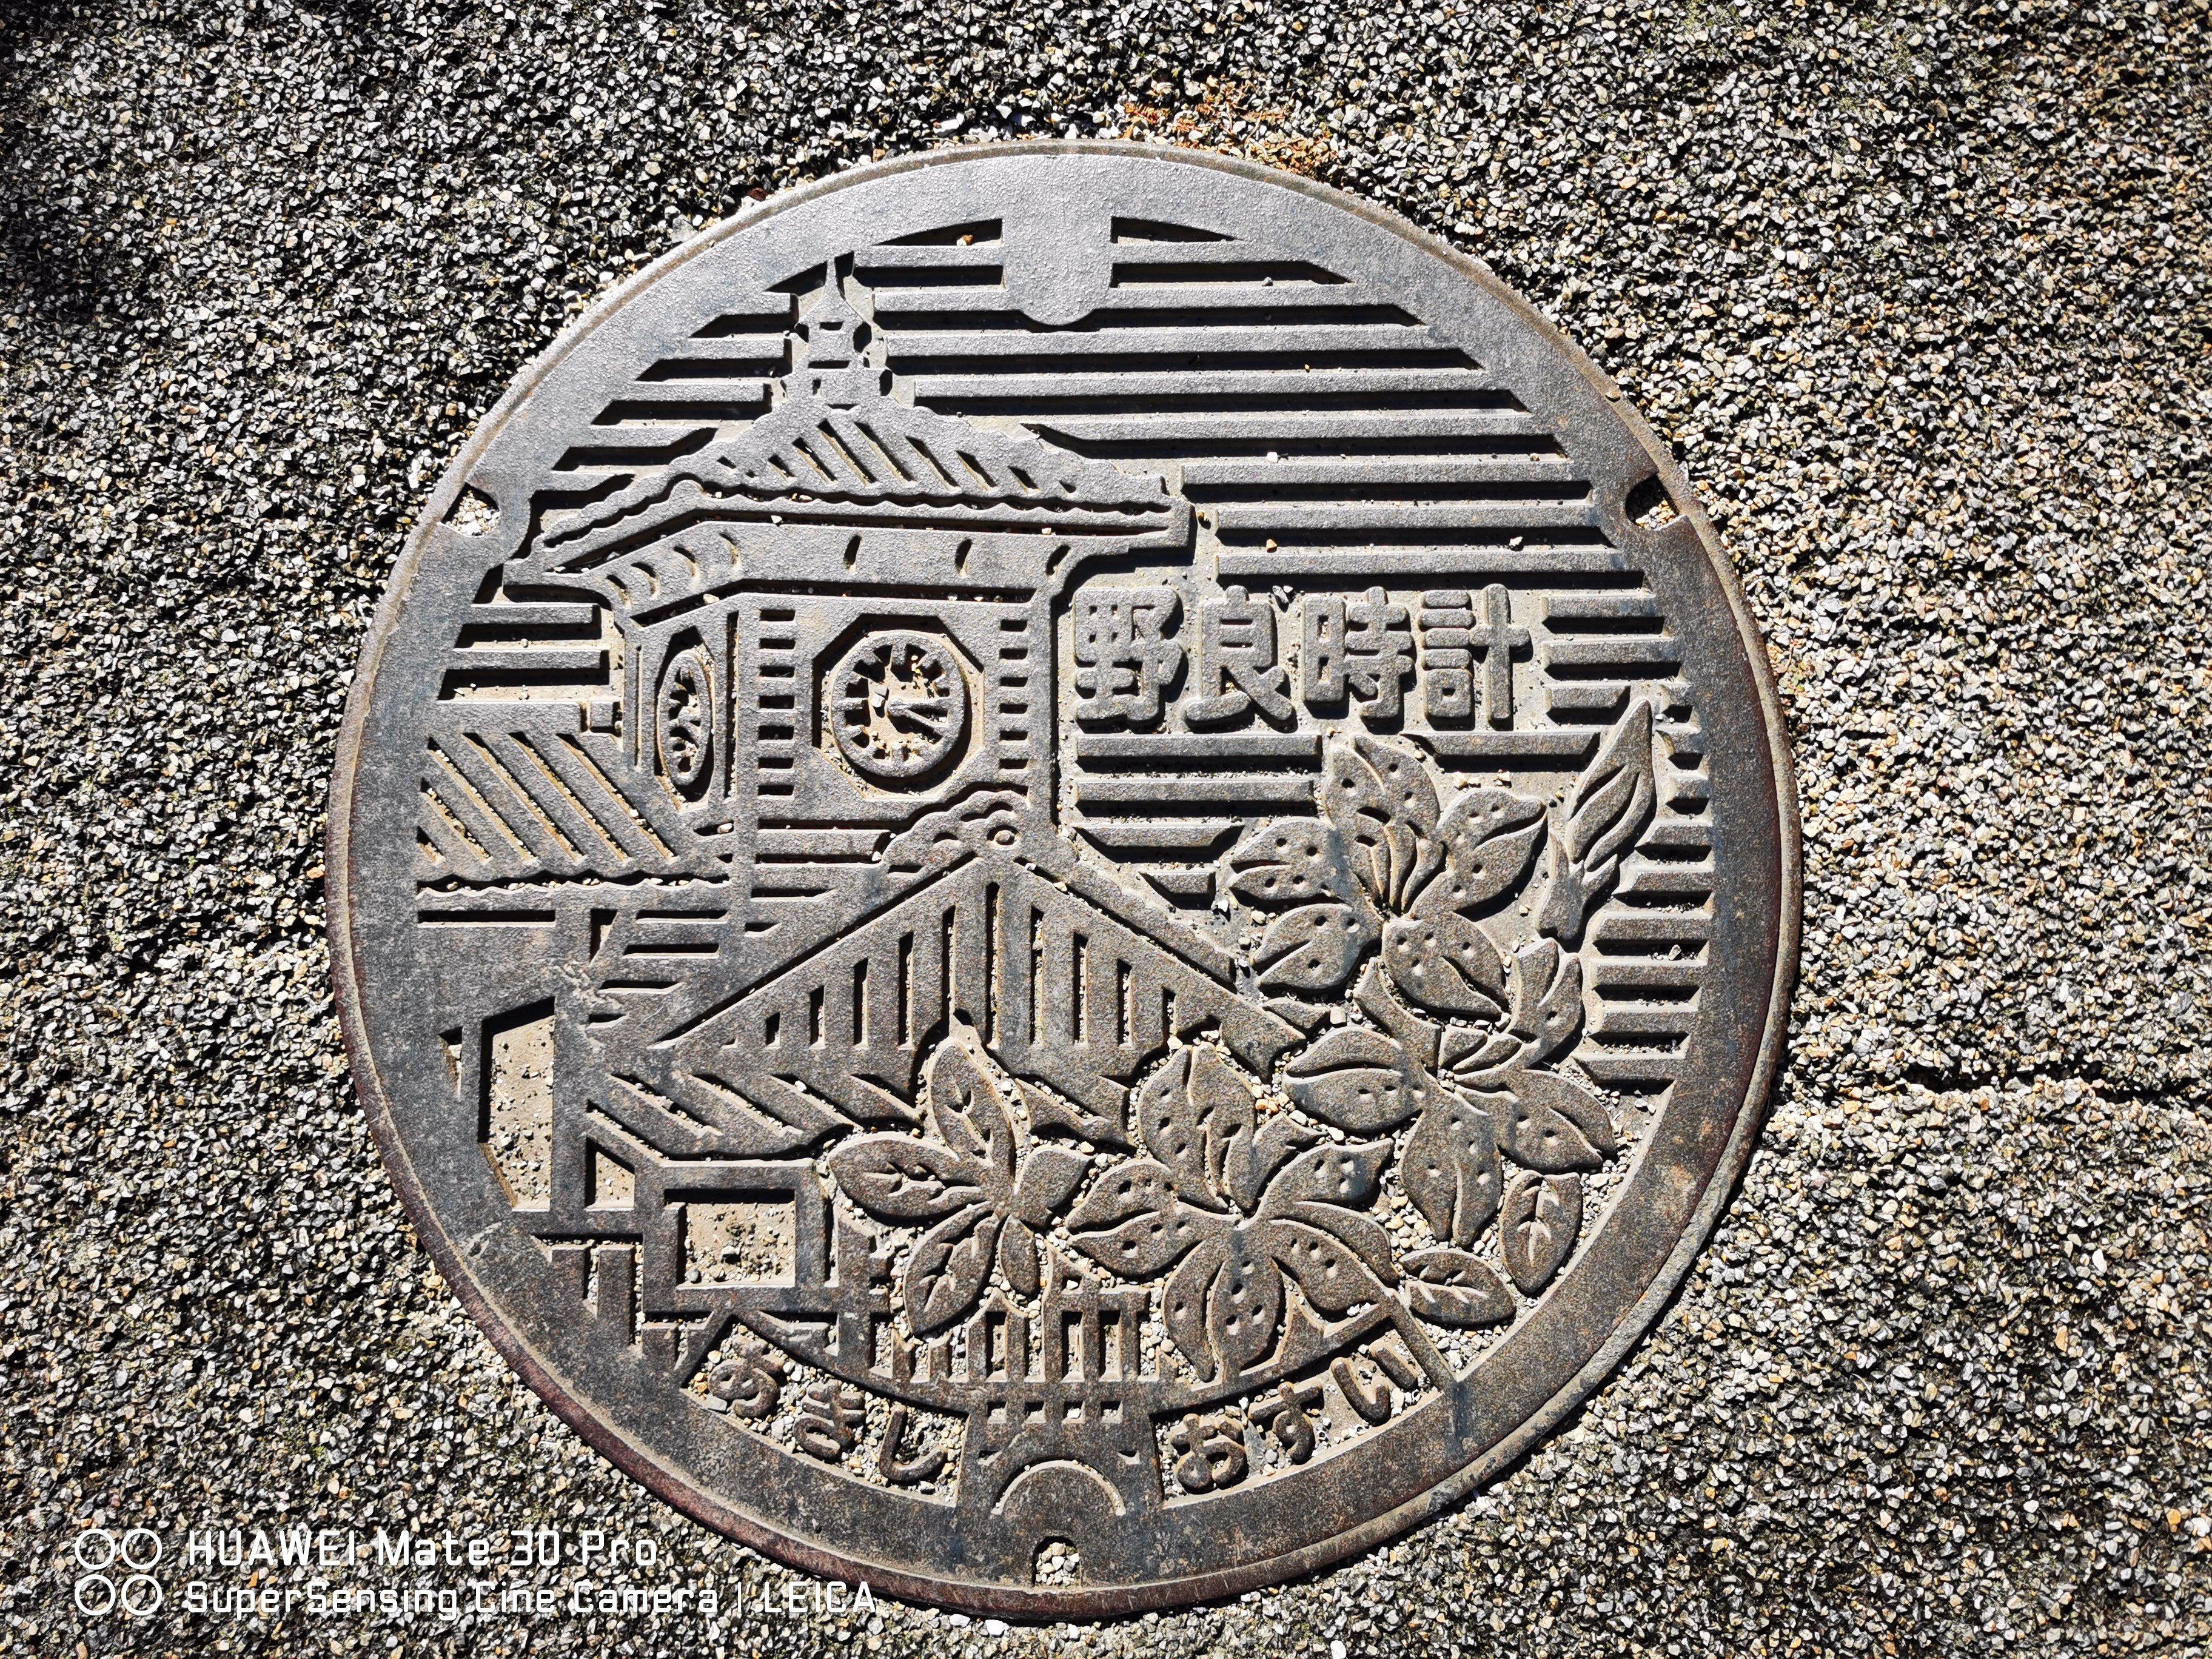 日本四國高知秘境之旅開車自駕行程規劃住宿建議